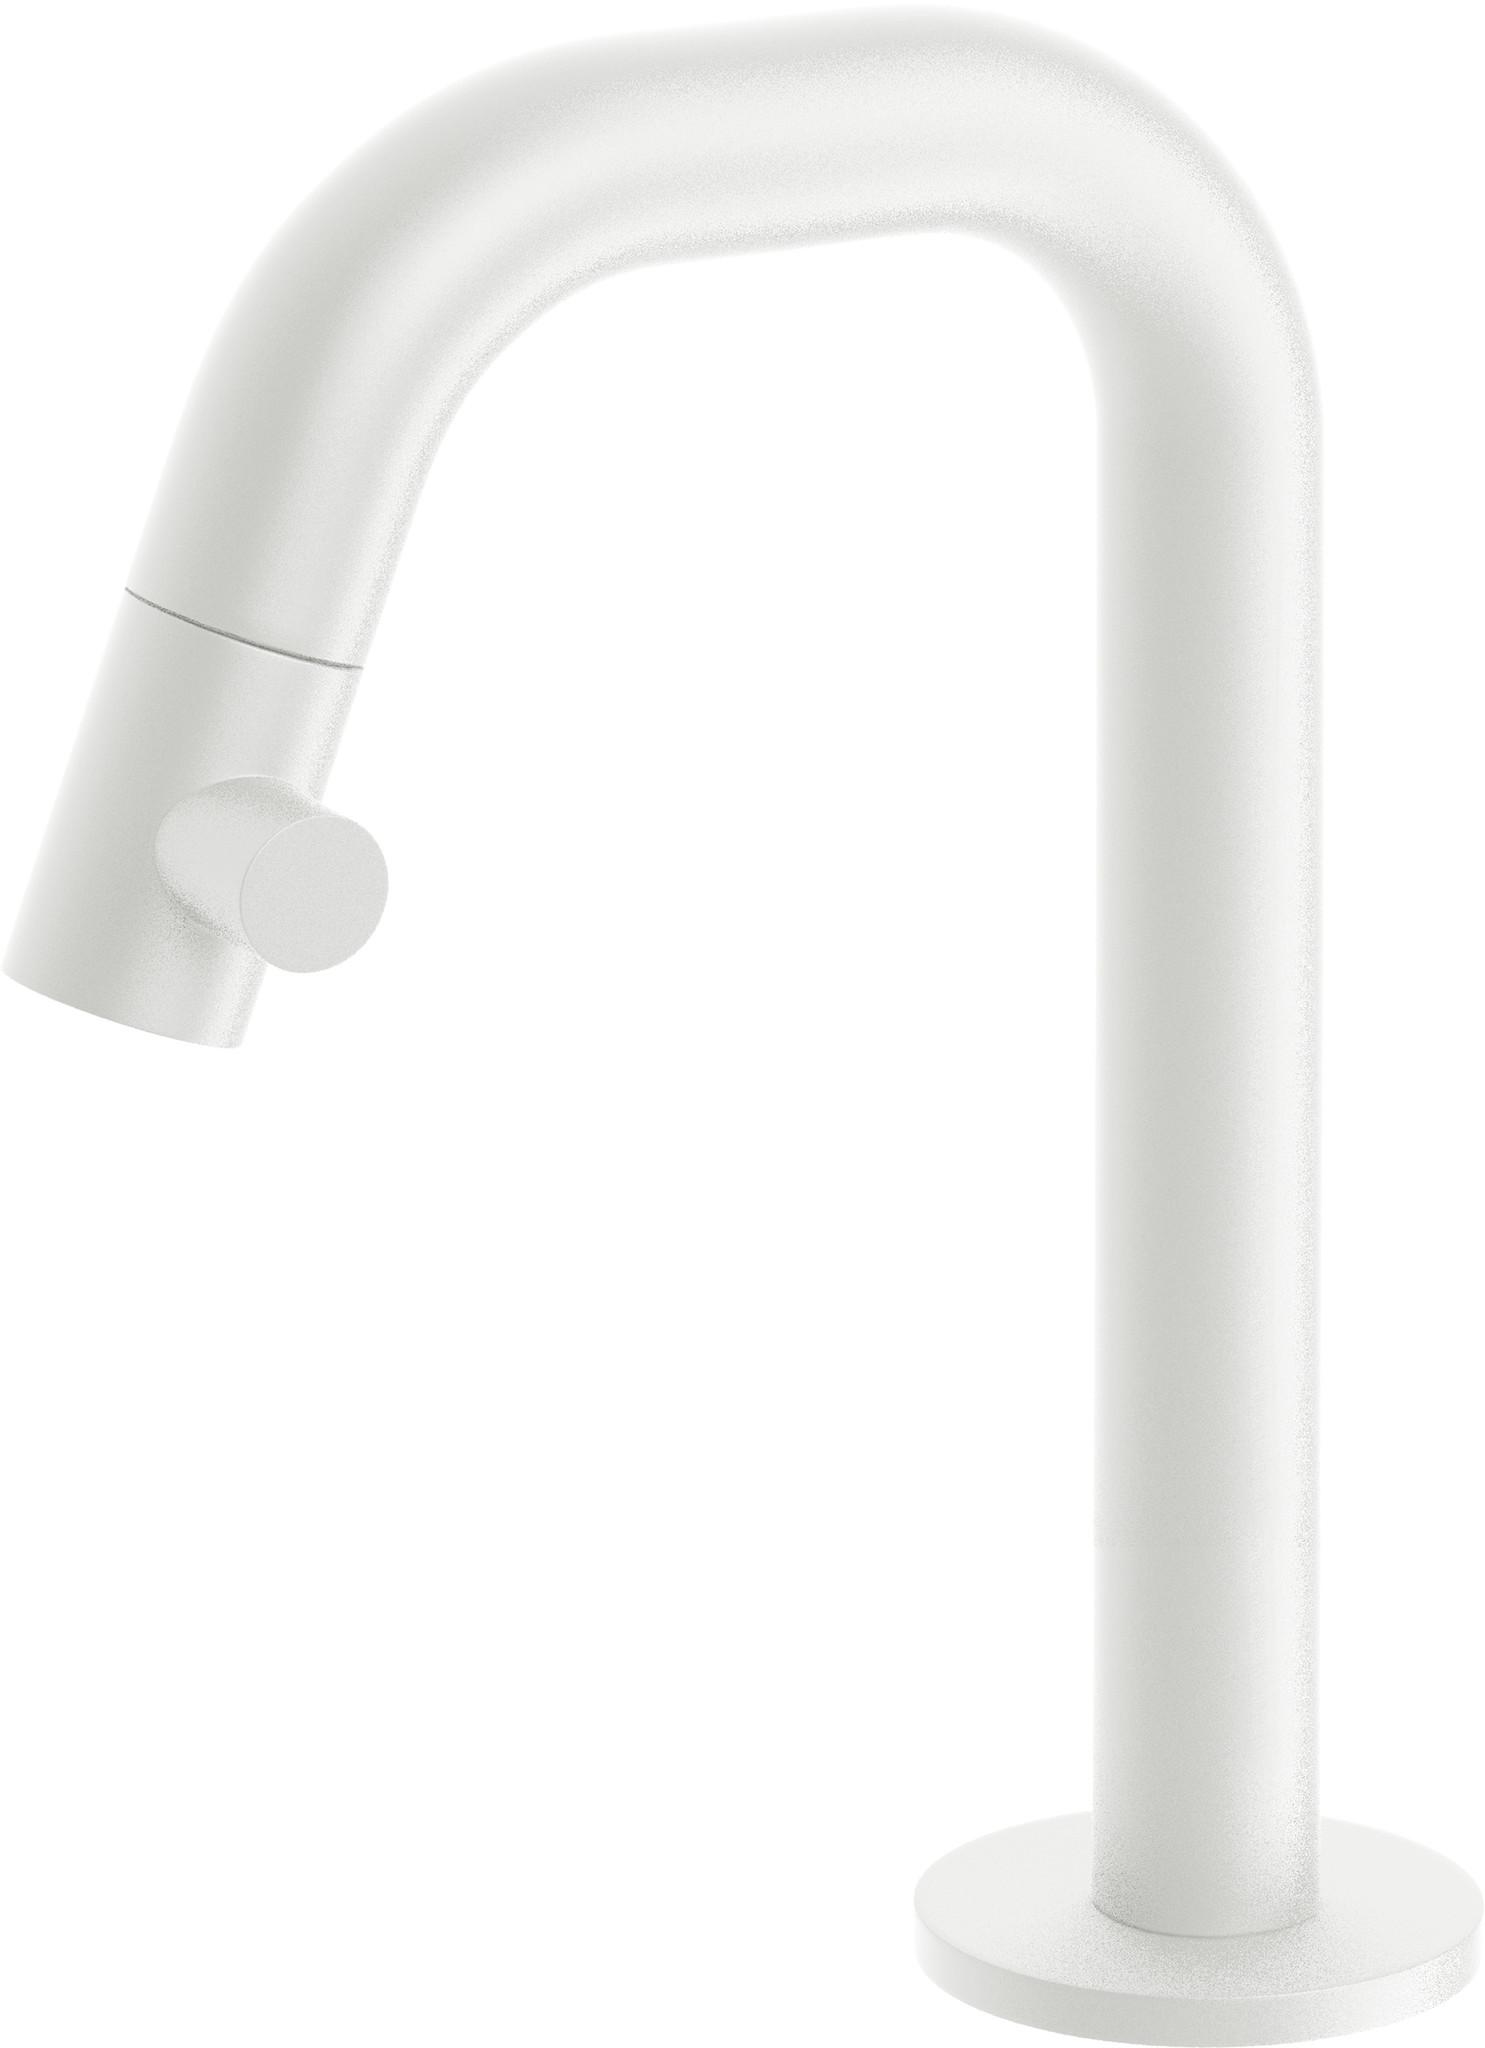 Kaldur cold water tap white